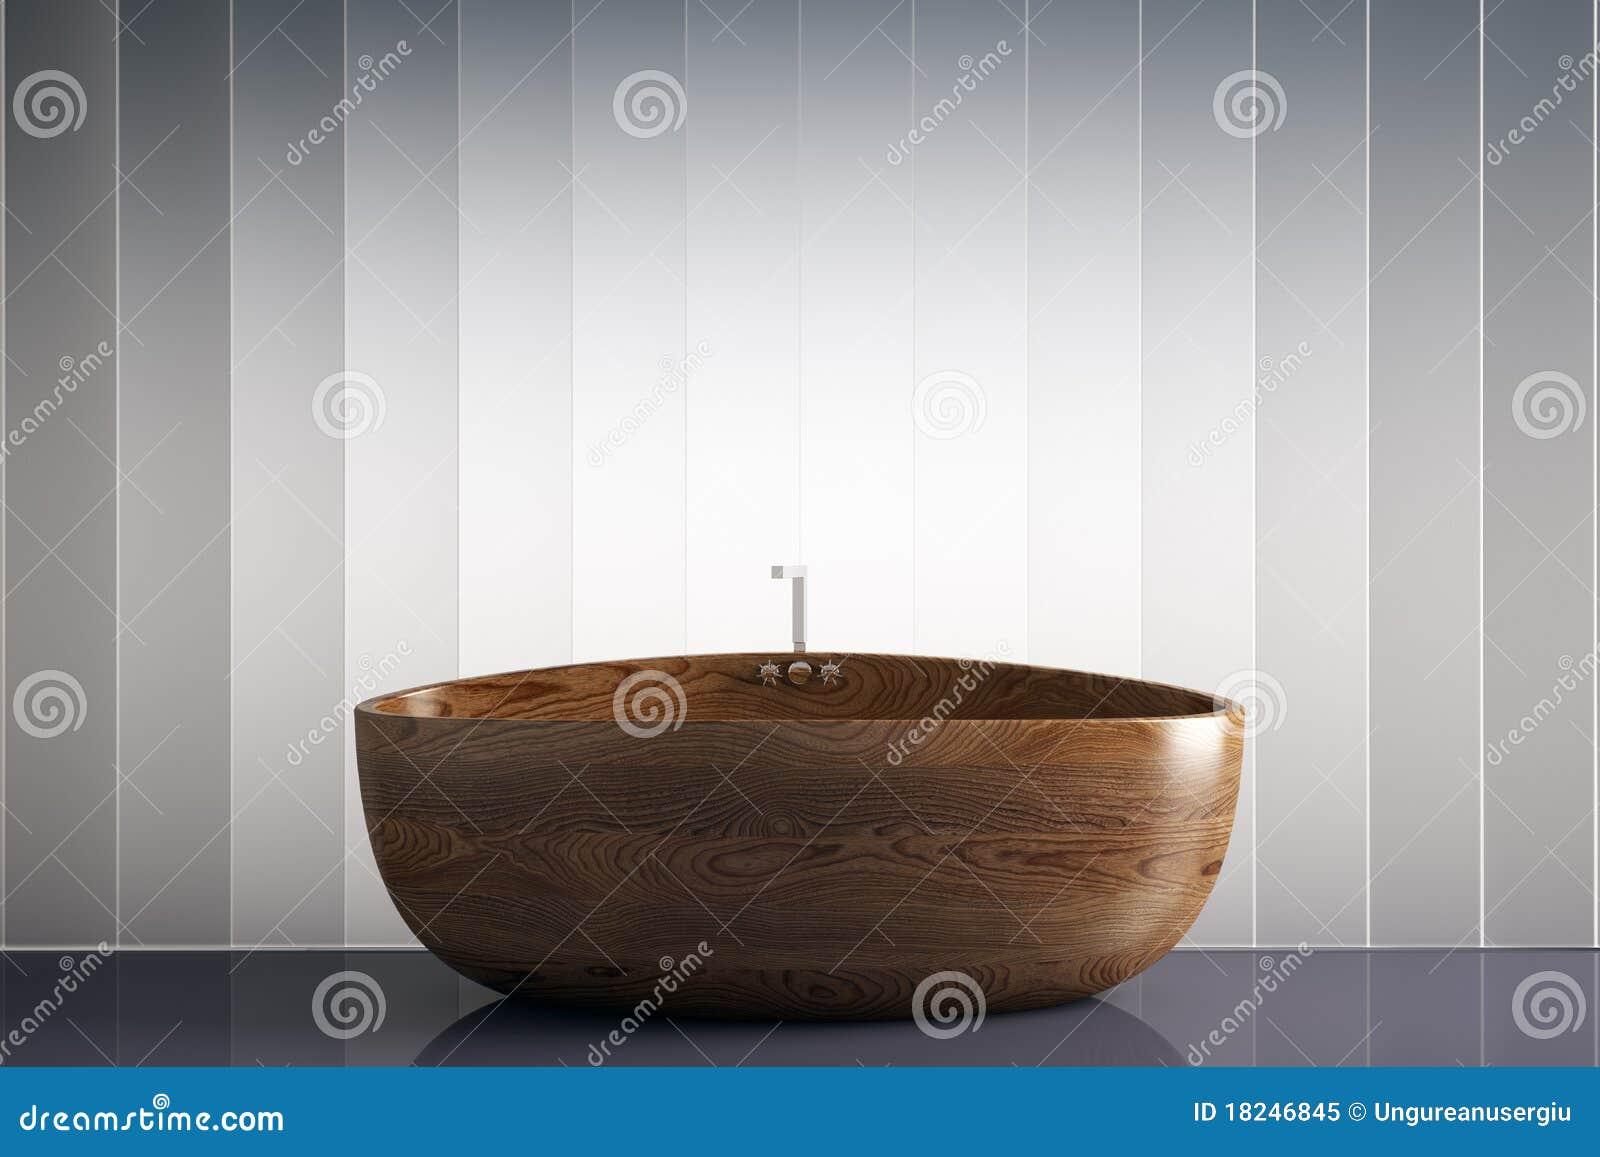 Houten badkuip royalty vrije stock foto beeld 18246845 - Eigentijdse badkuip ...